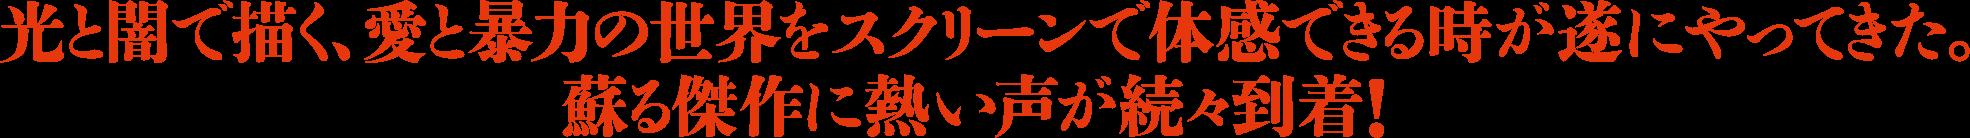 『牯嶺街(クーリンチェ)少年殺人事件』公式サイト